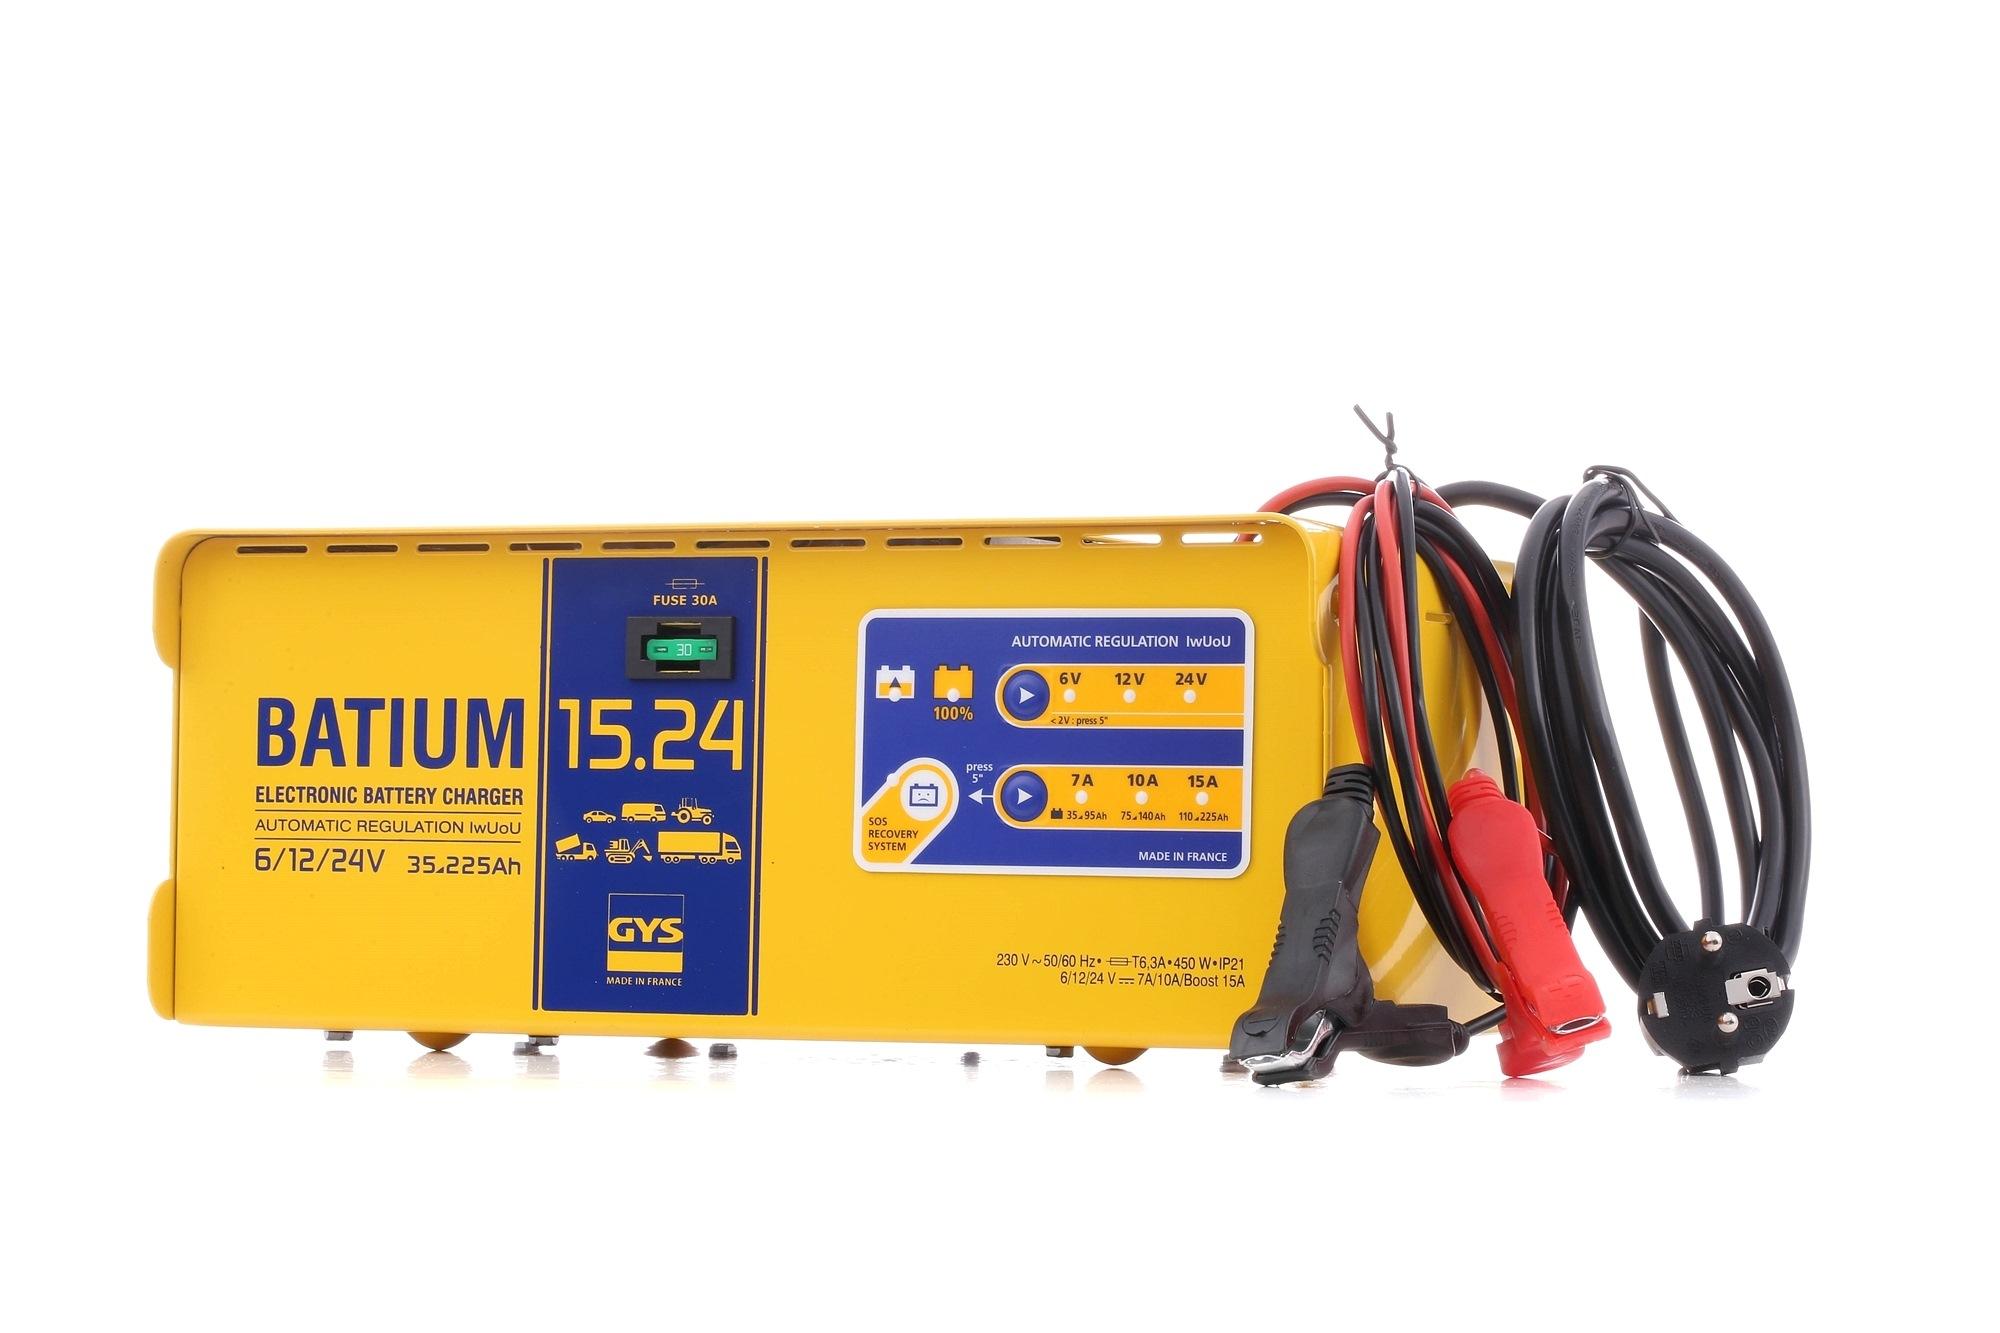 Chargeur de batterie GYS 024526 évaluation